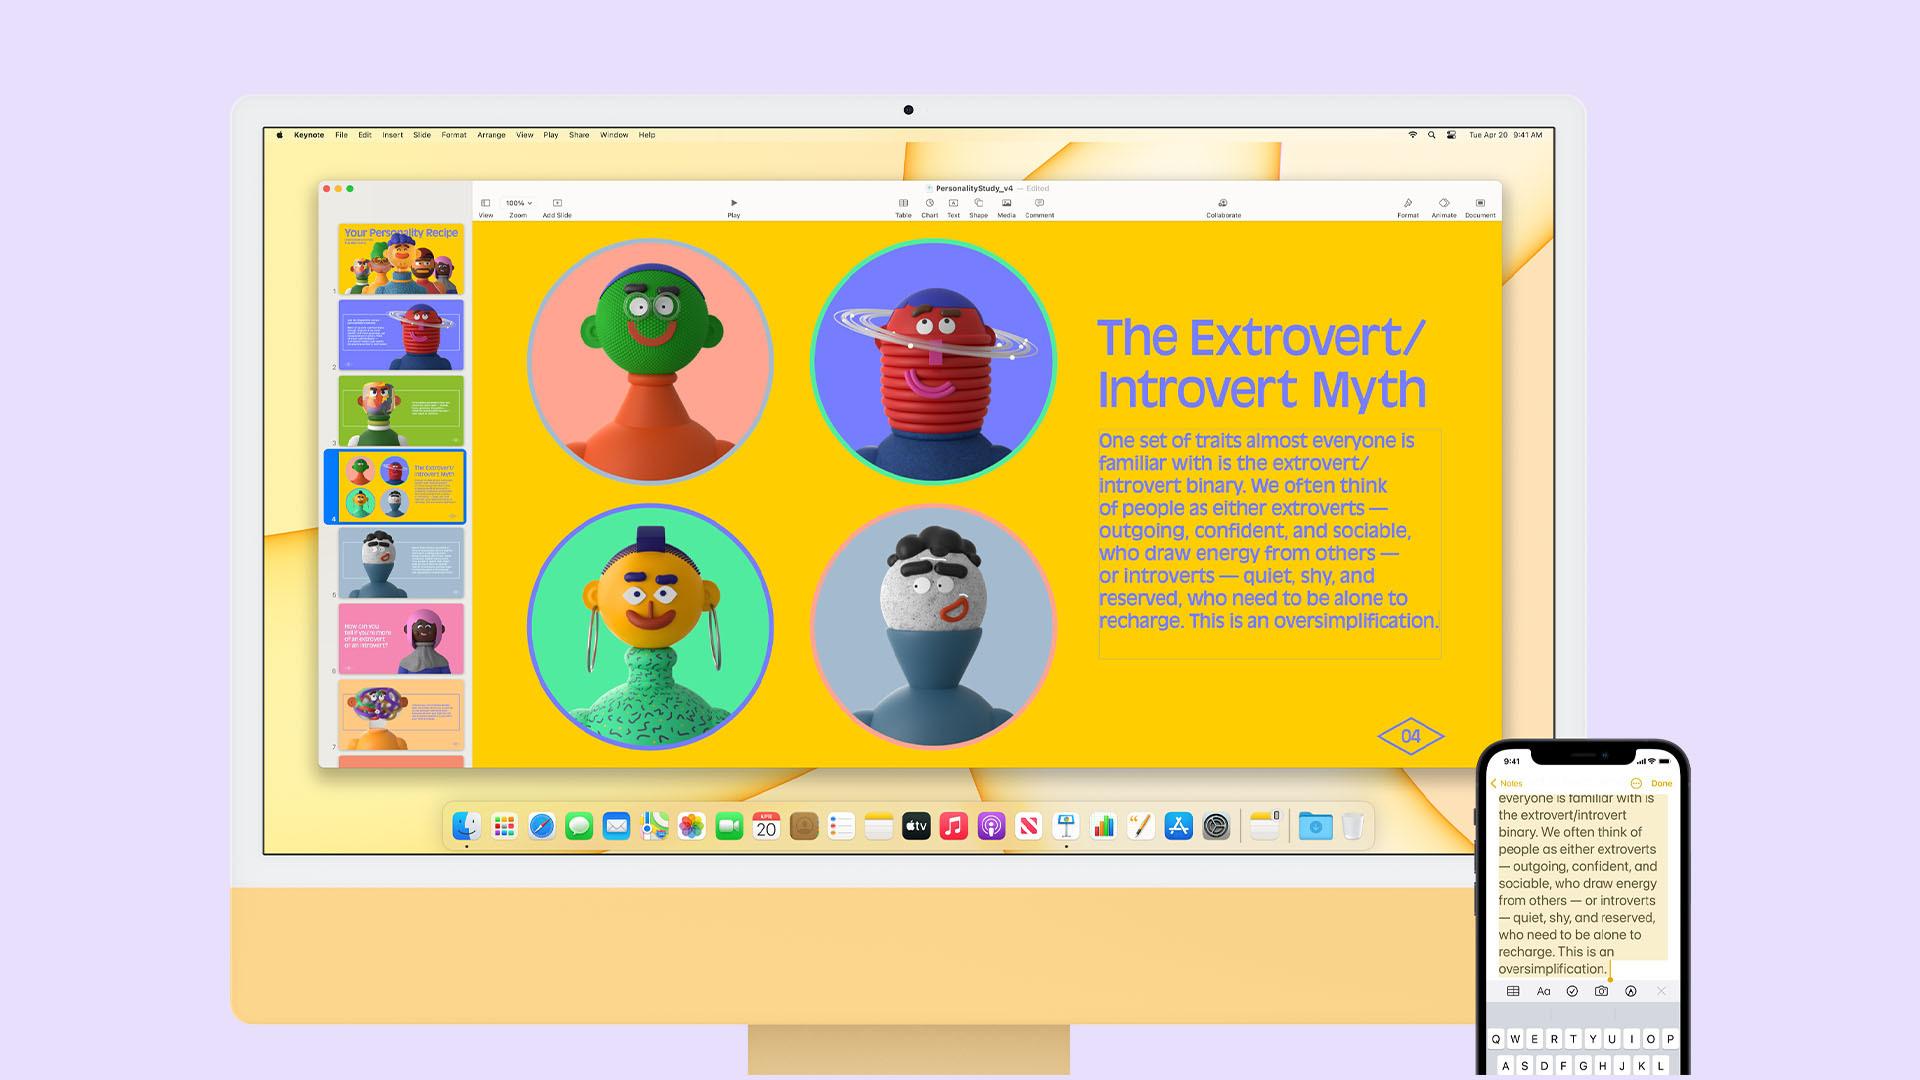 Apple's M1 processor brings Macs into a new era | CNN Underscored